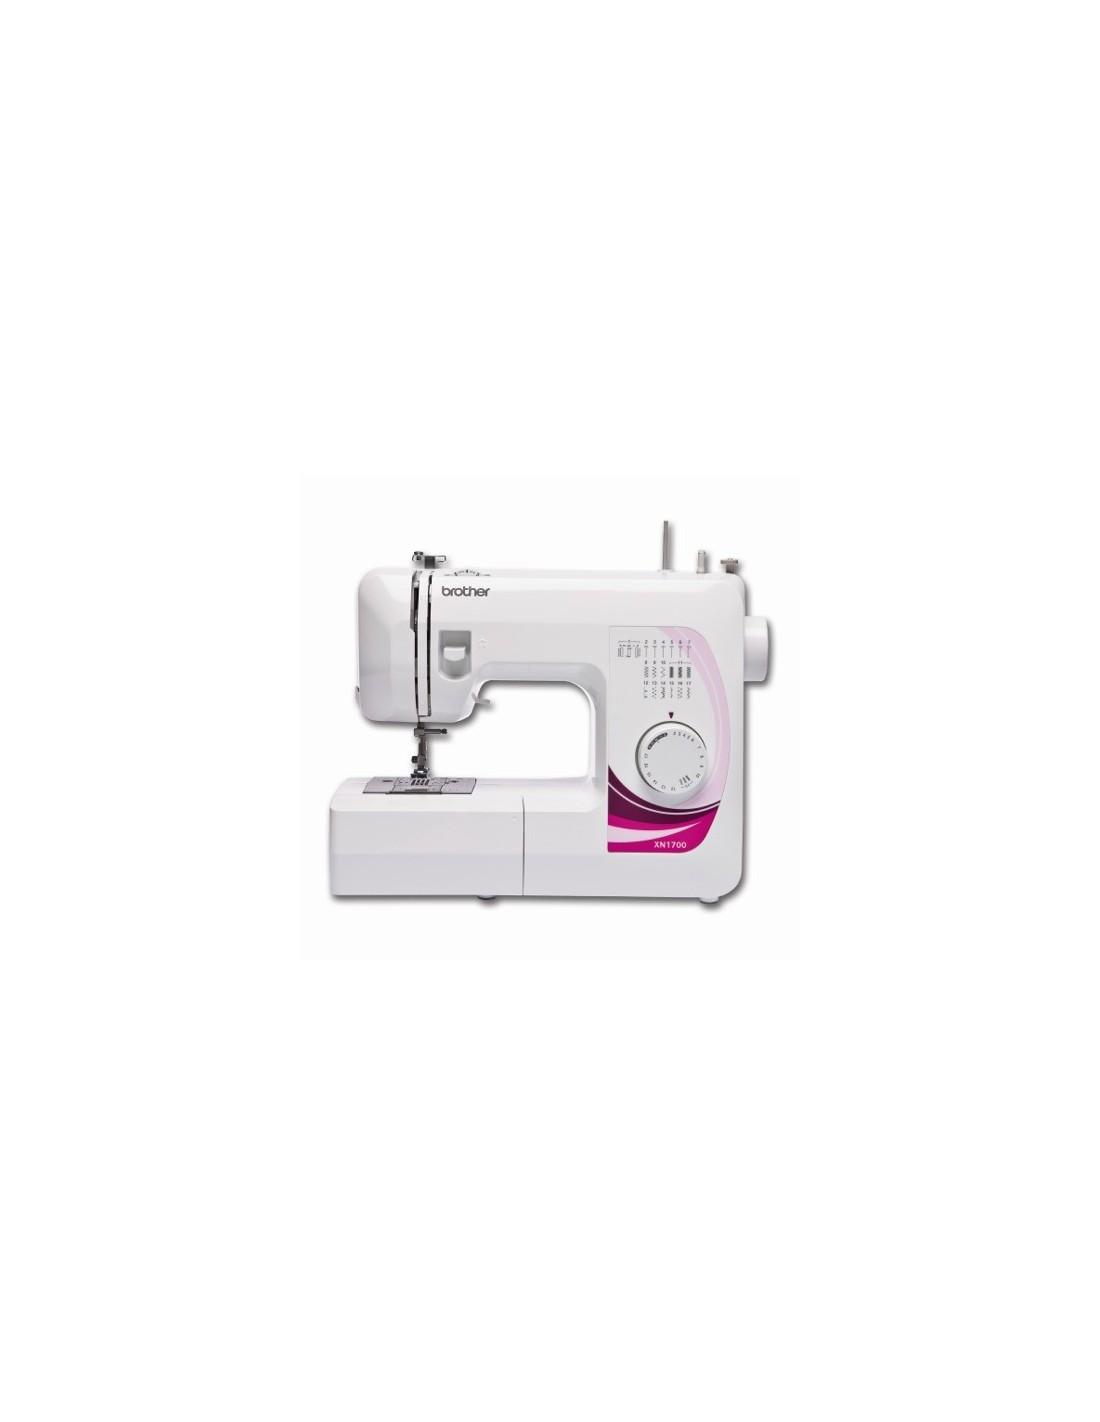 Macchina per cucire brother xn1700 macchine da cucito for Macchina da cucire economica per principianti